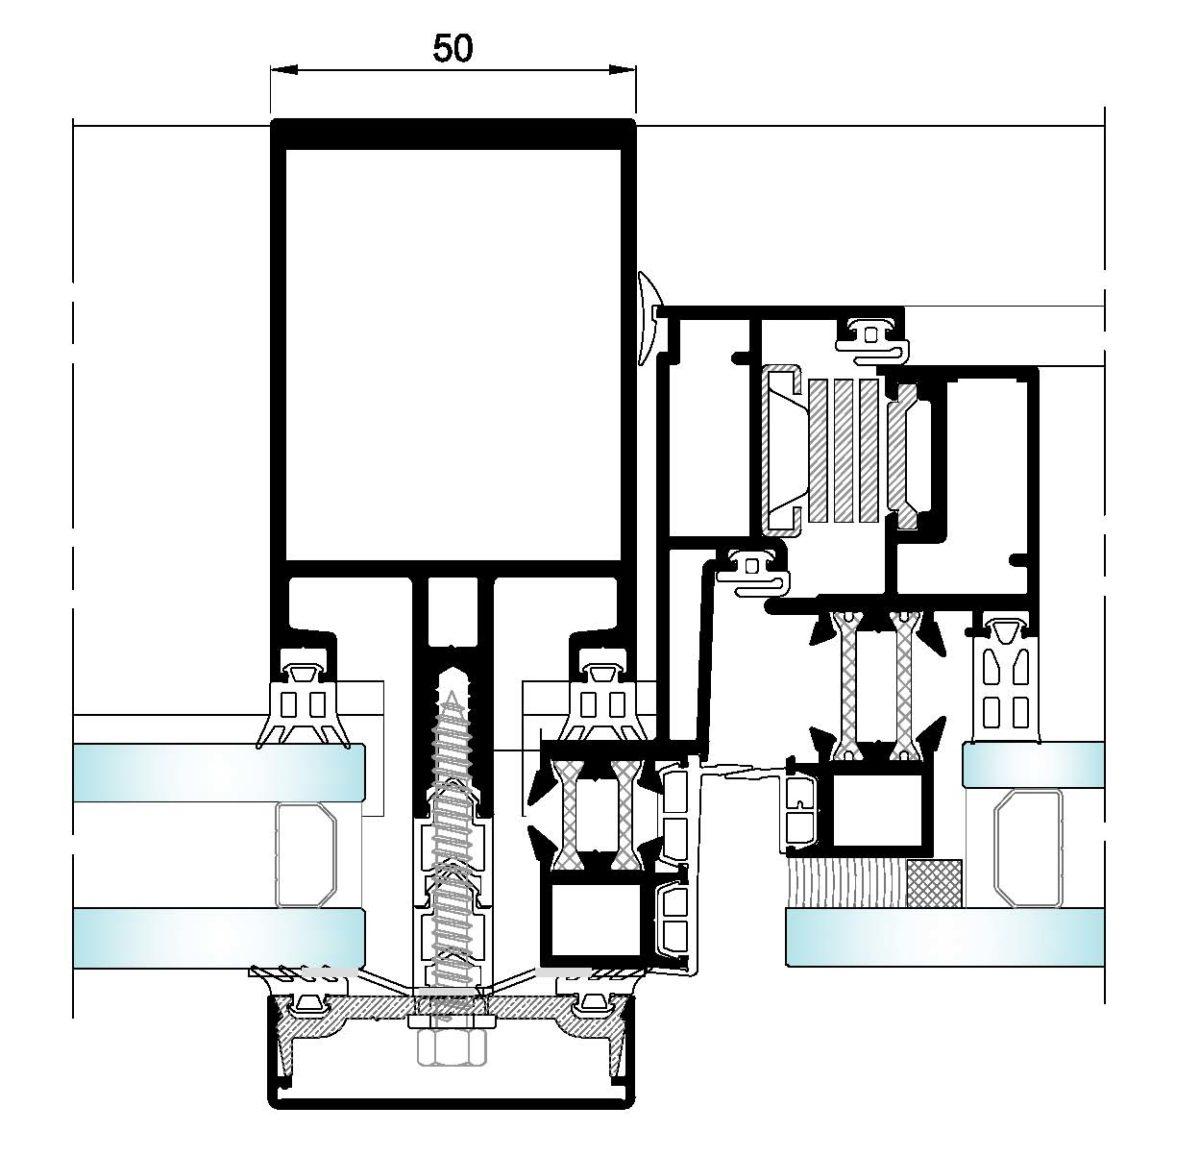 AL50 Tapetas-Seccion horizontal fijo-ventana